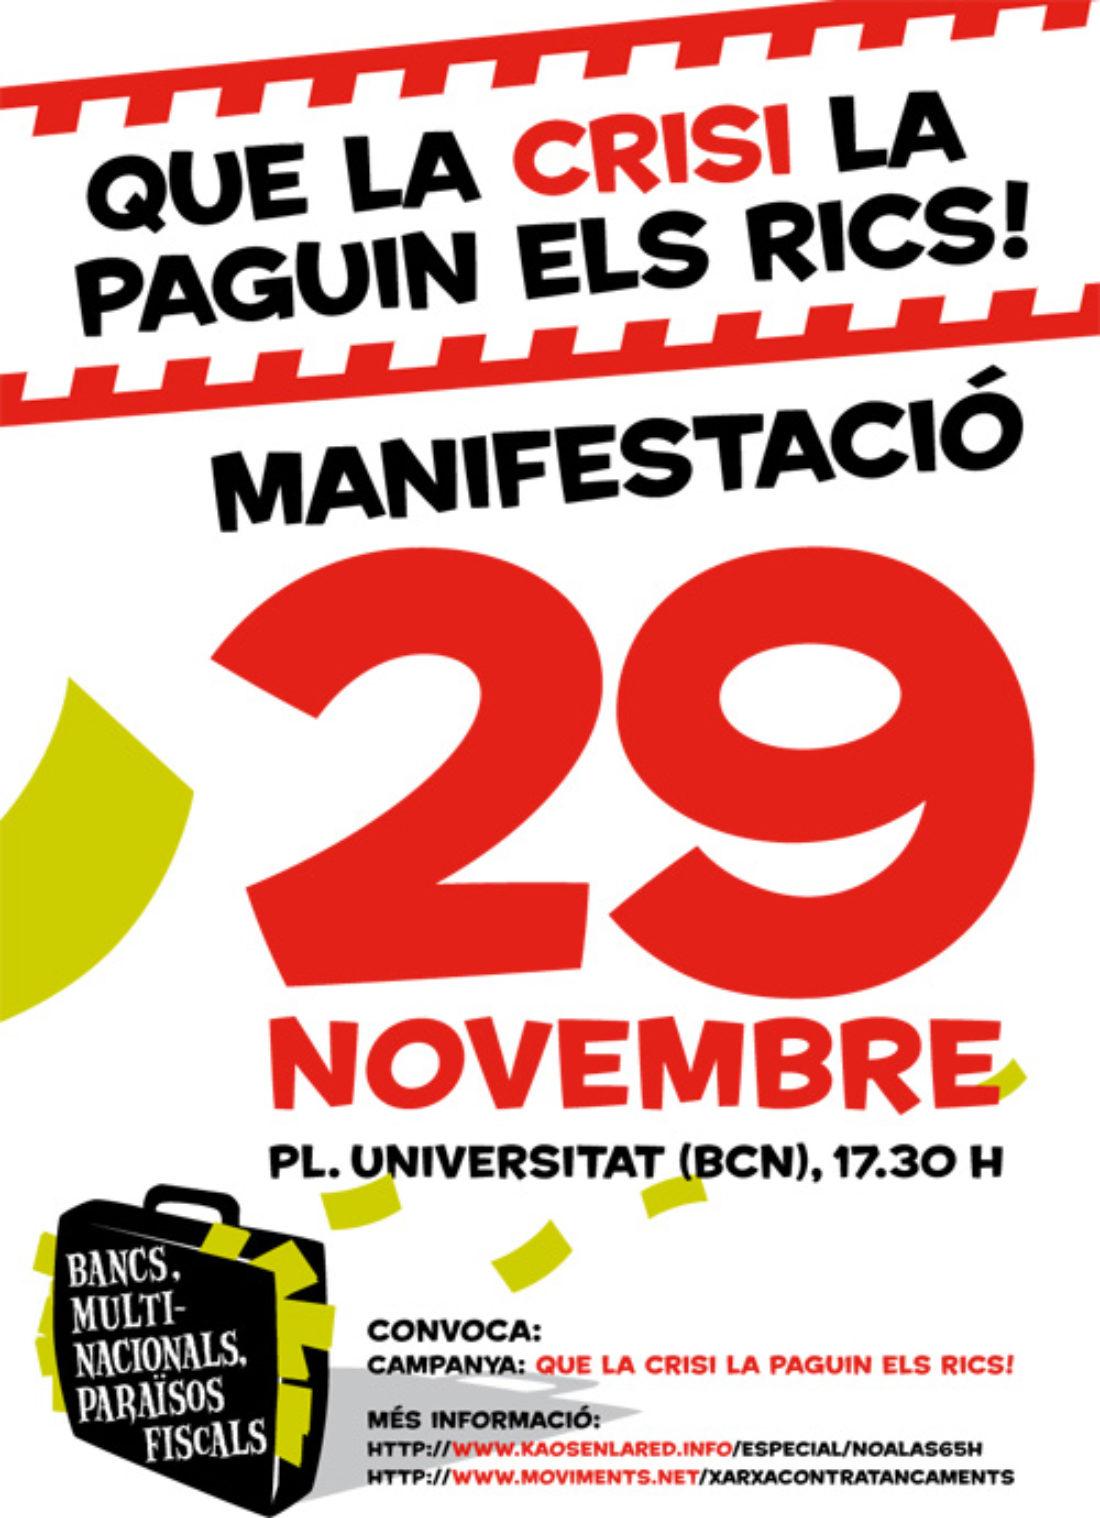 Que la crisi la paguin els rics! Manifestació el 29 de novembre a Barcelona, 17'30 hores, a Plaça Universitat